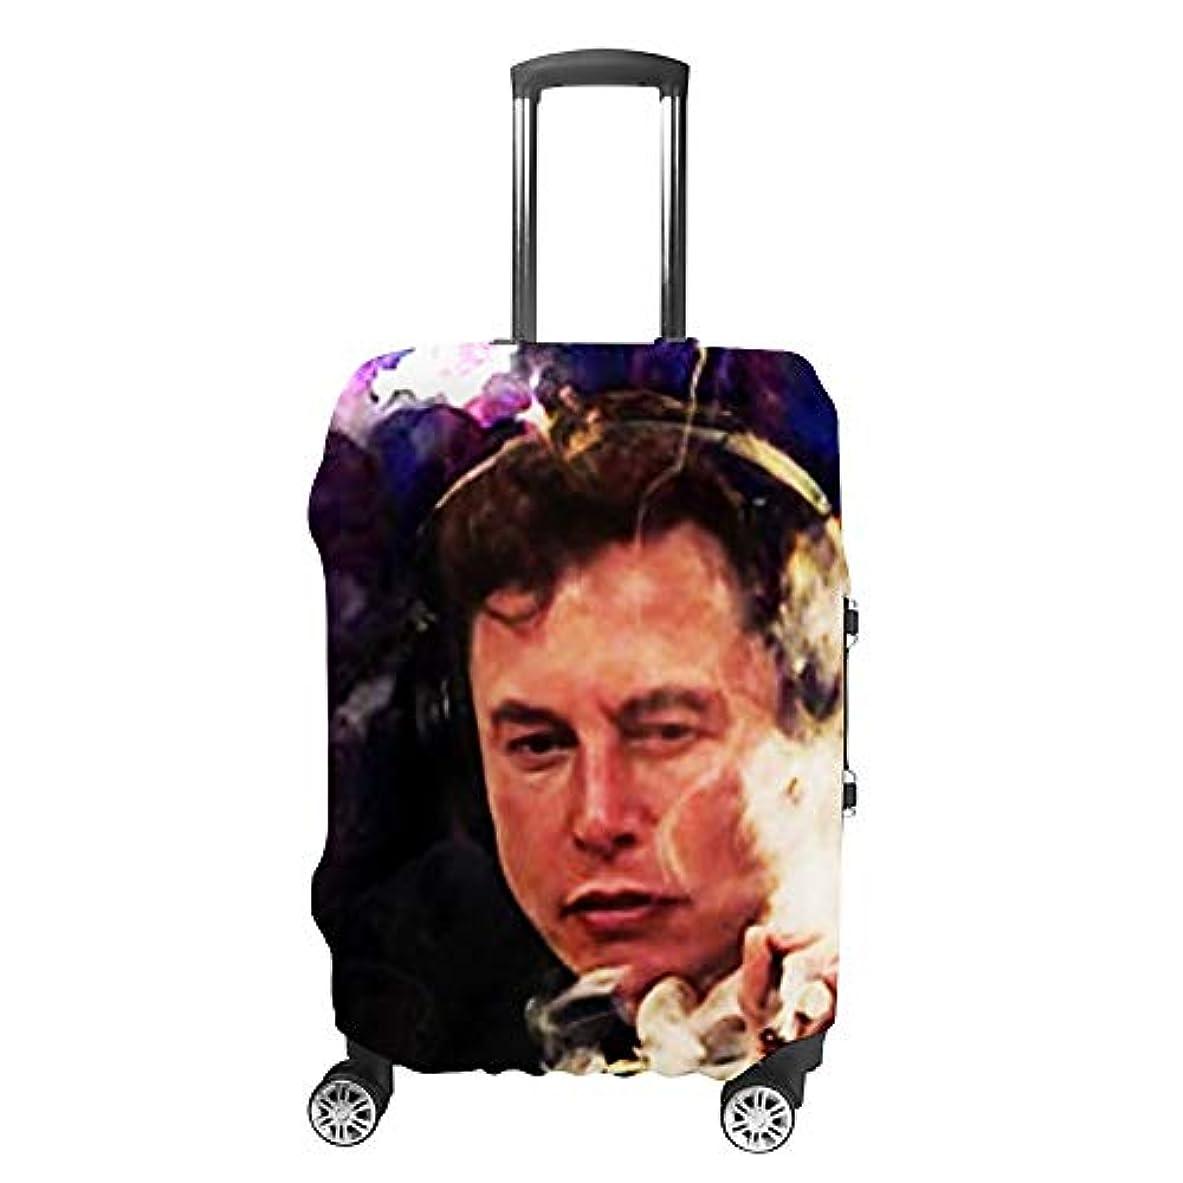 対立リングバック防腐剤Elon Musk ファッション旅行荷物カバースーツケース荷物プロテクター旅行カバー男性用女性用